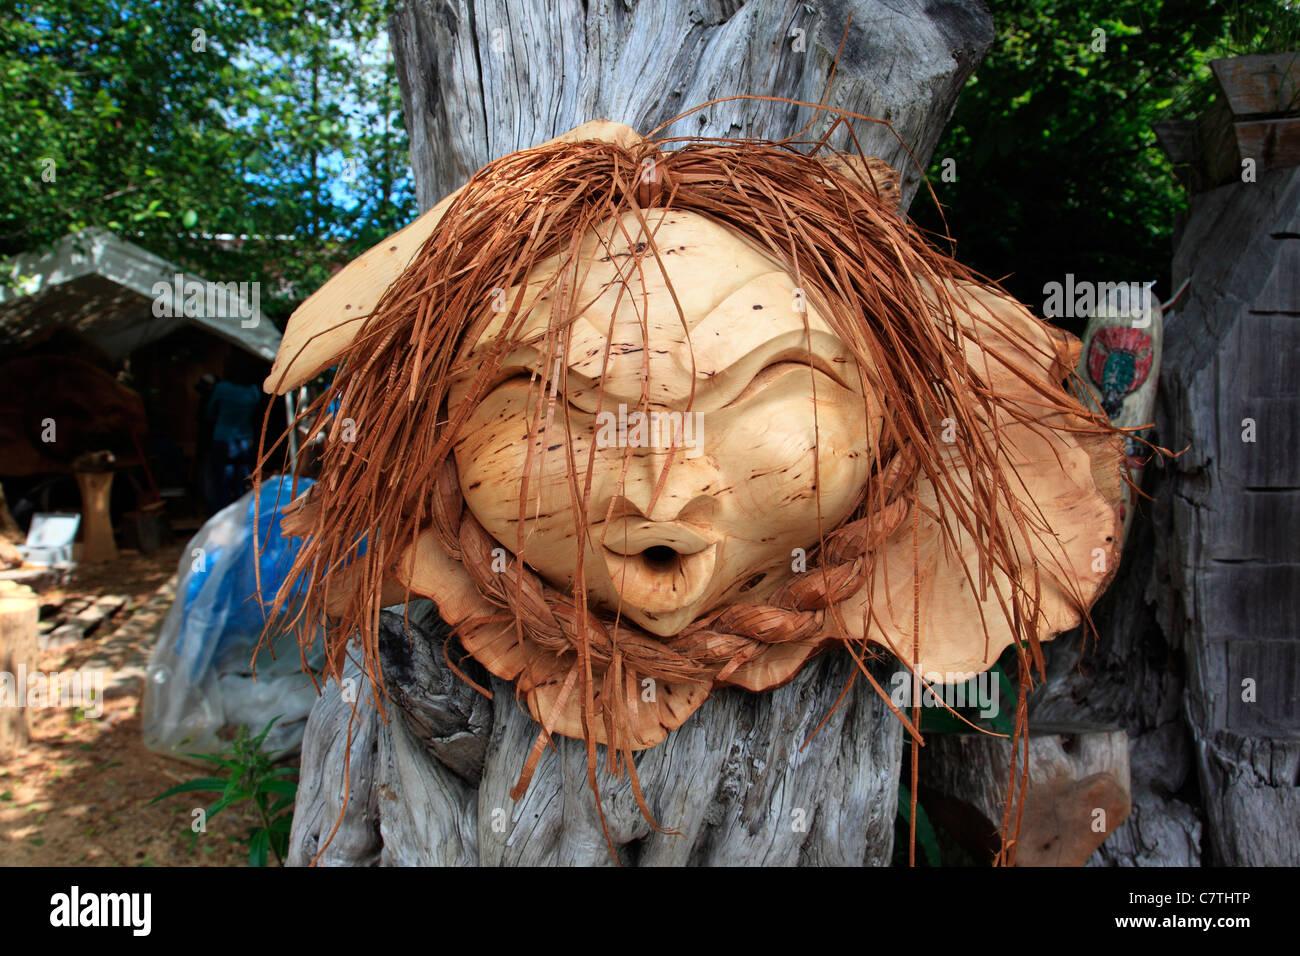 Maple burl vase sculpture center piece wood carvingwood carving